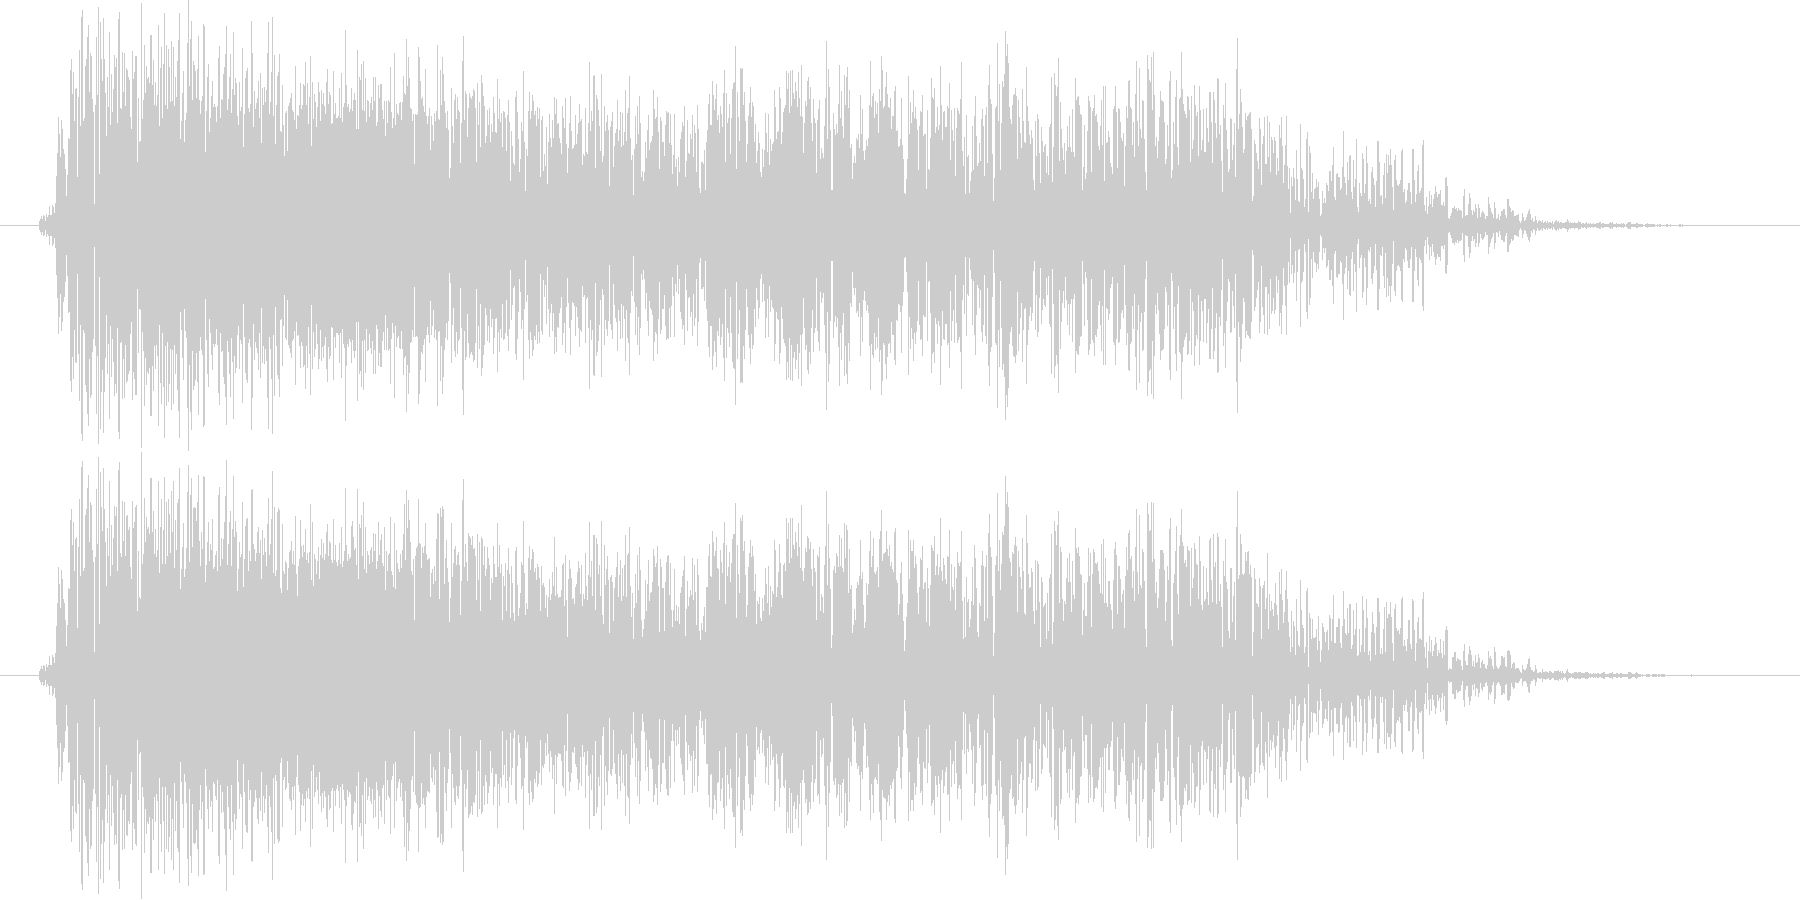 モンスター ガオー 01の未再生の波形